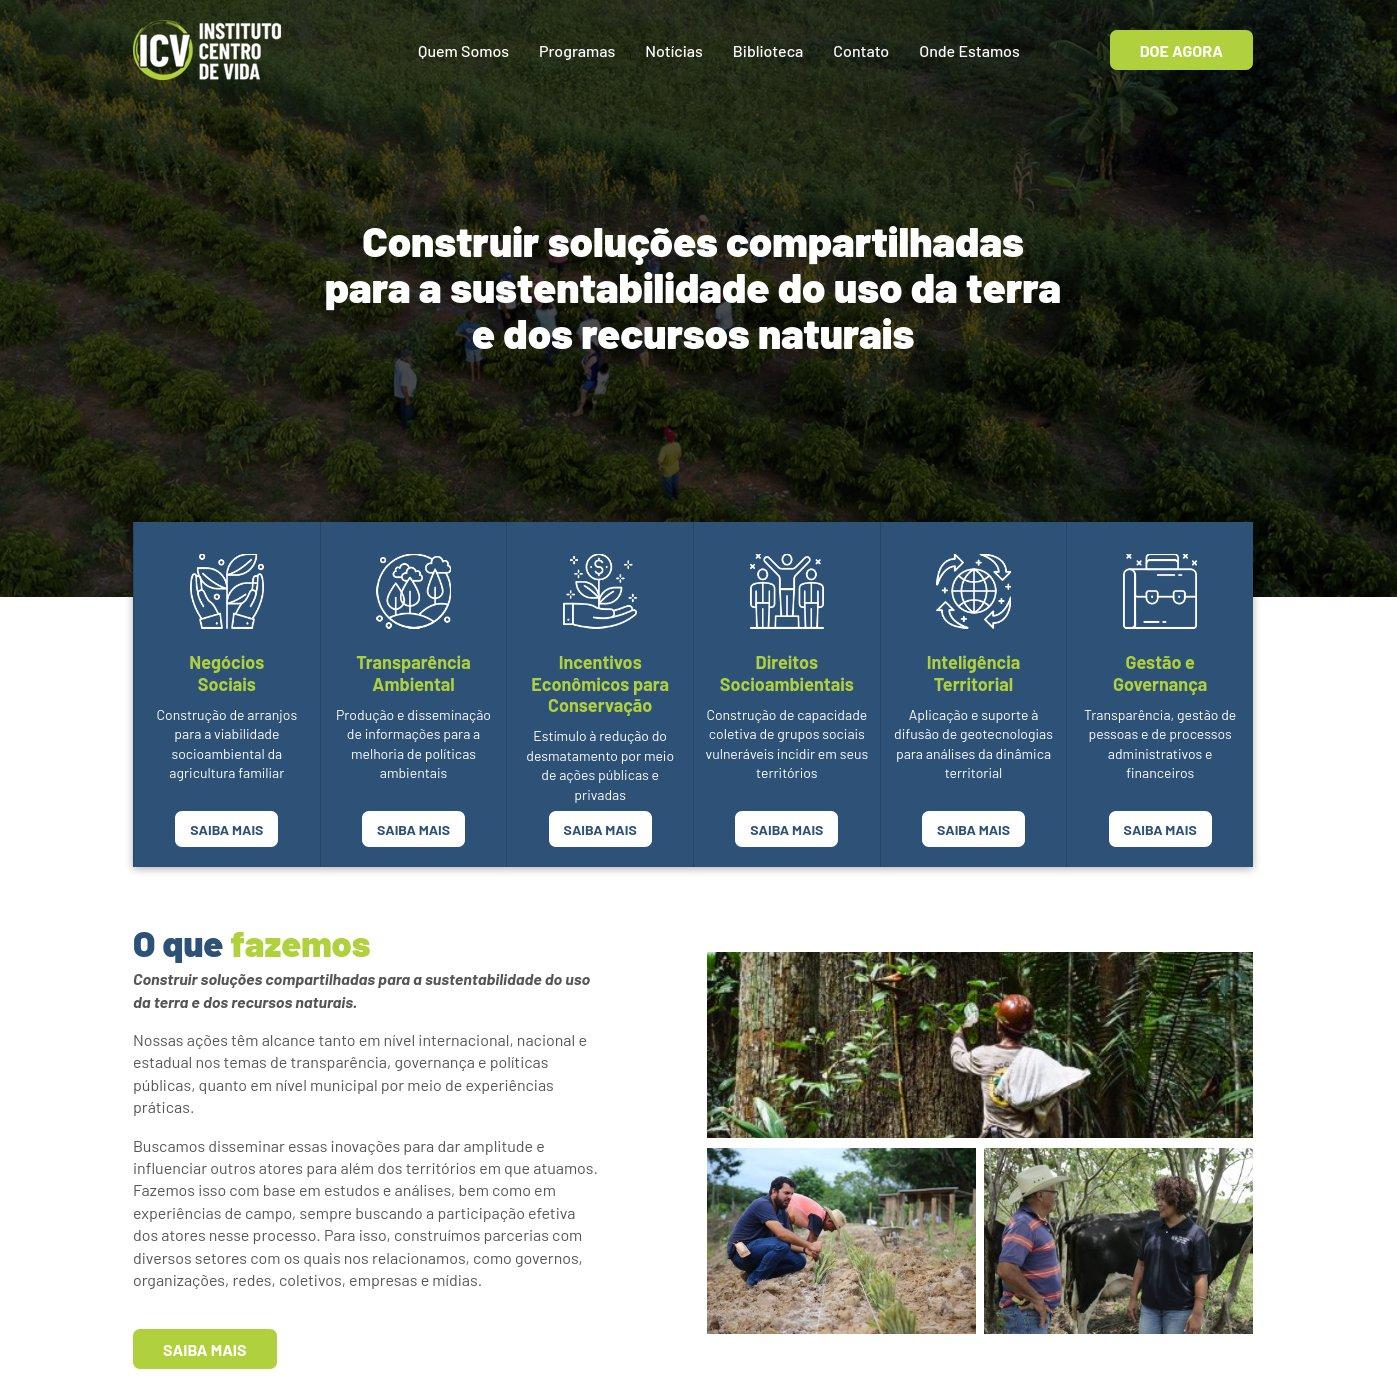 imagem da capa do site do ICV